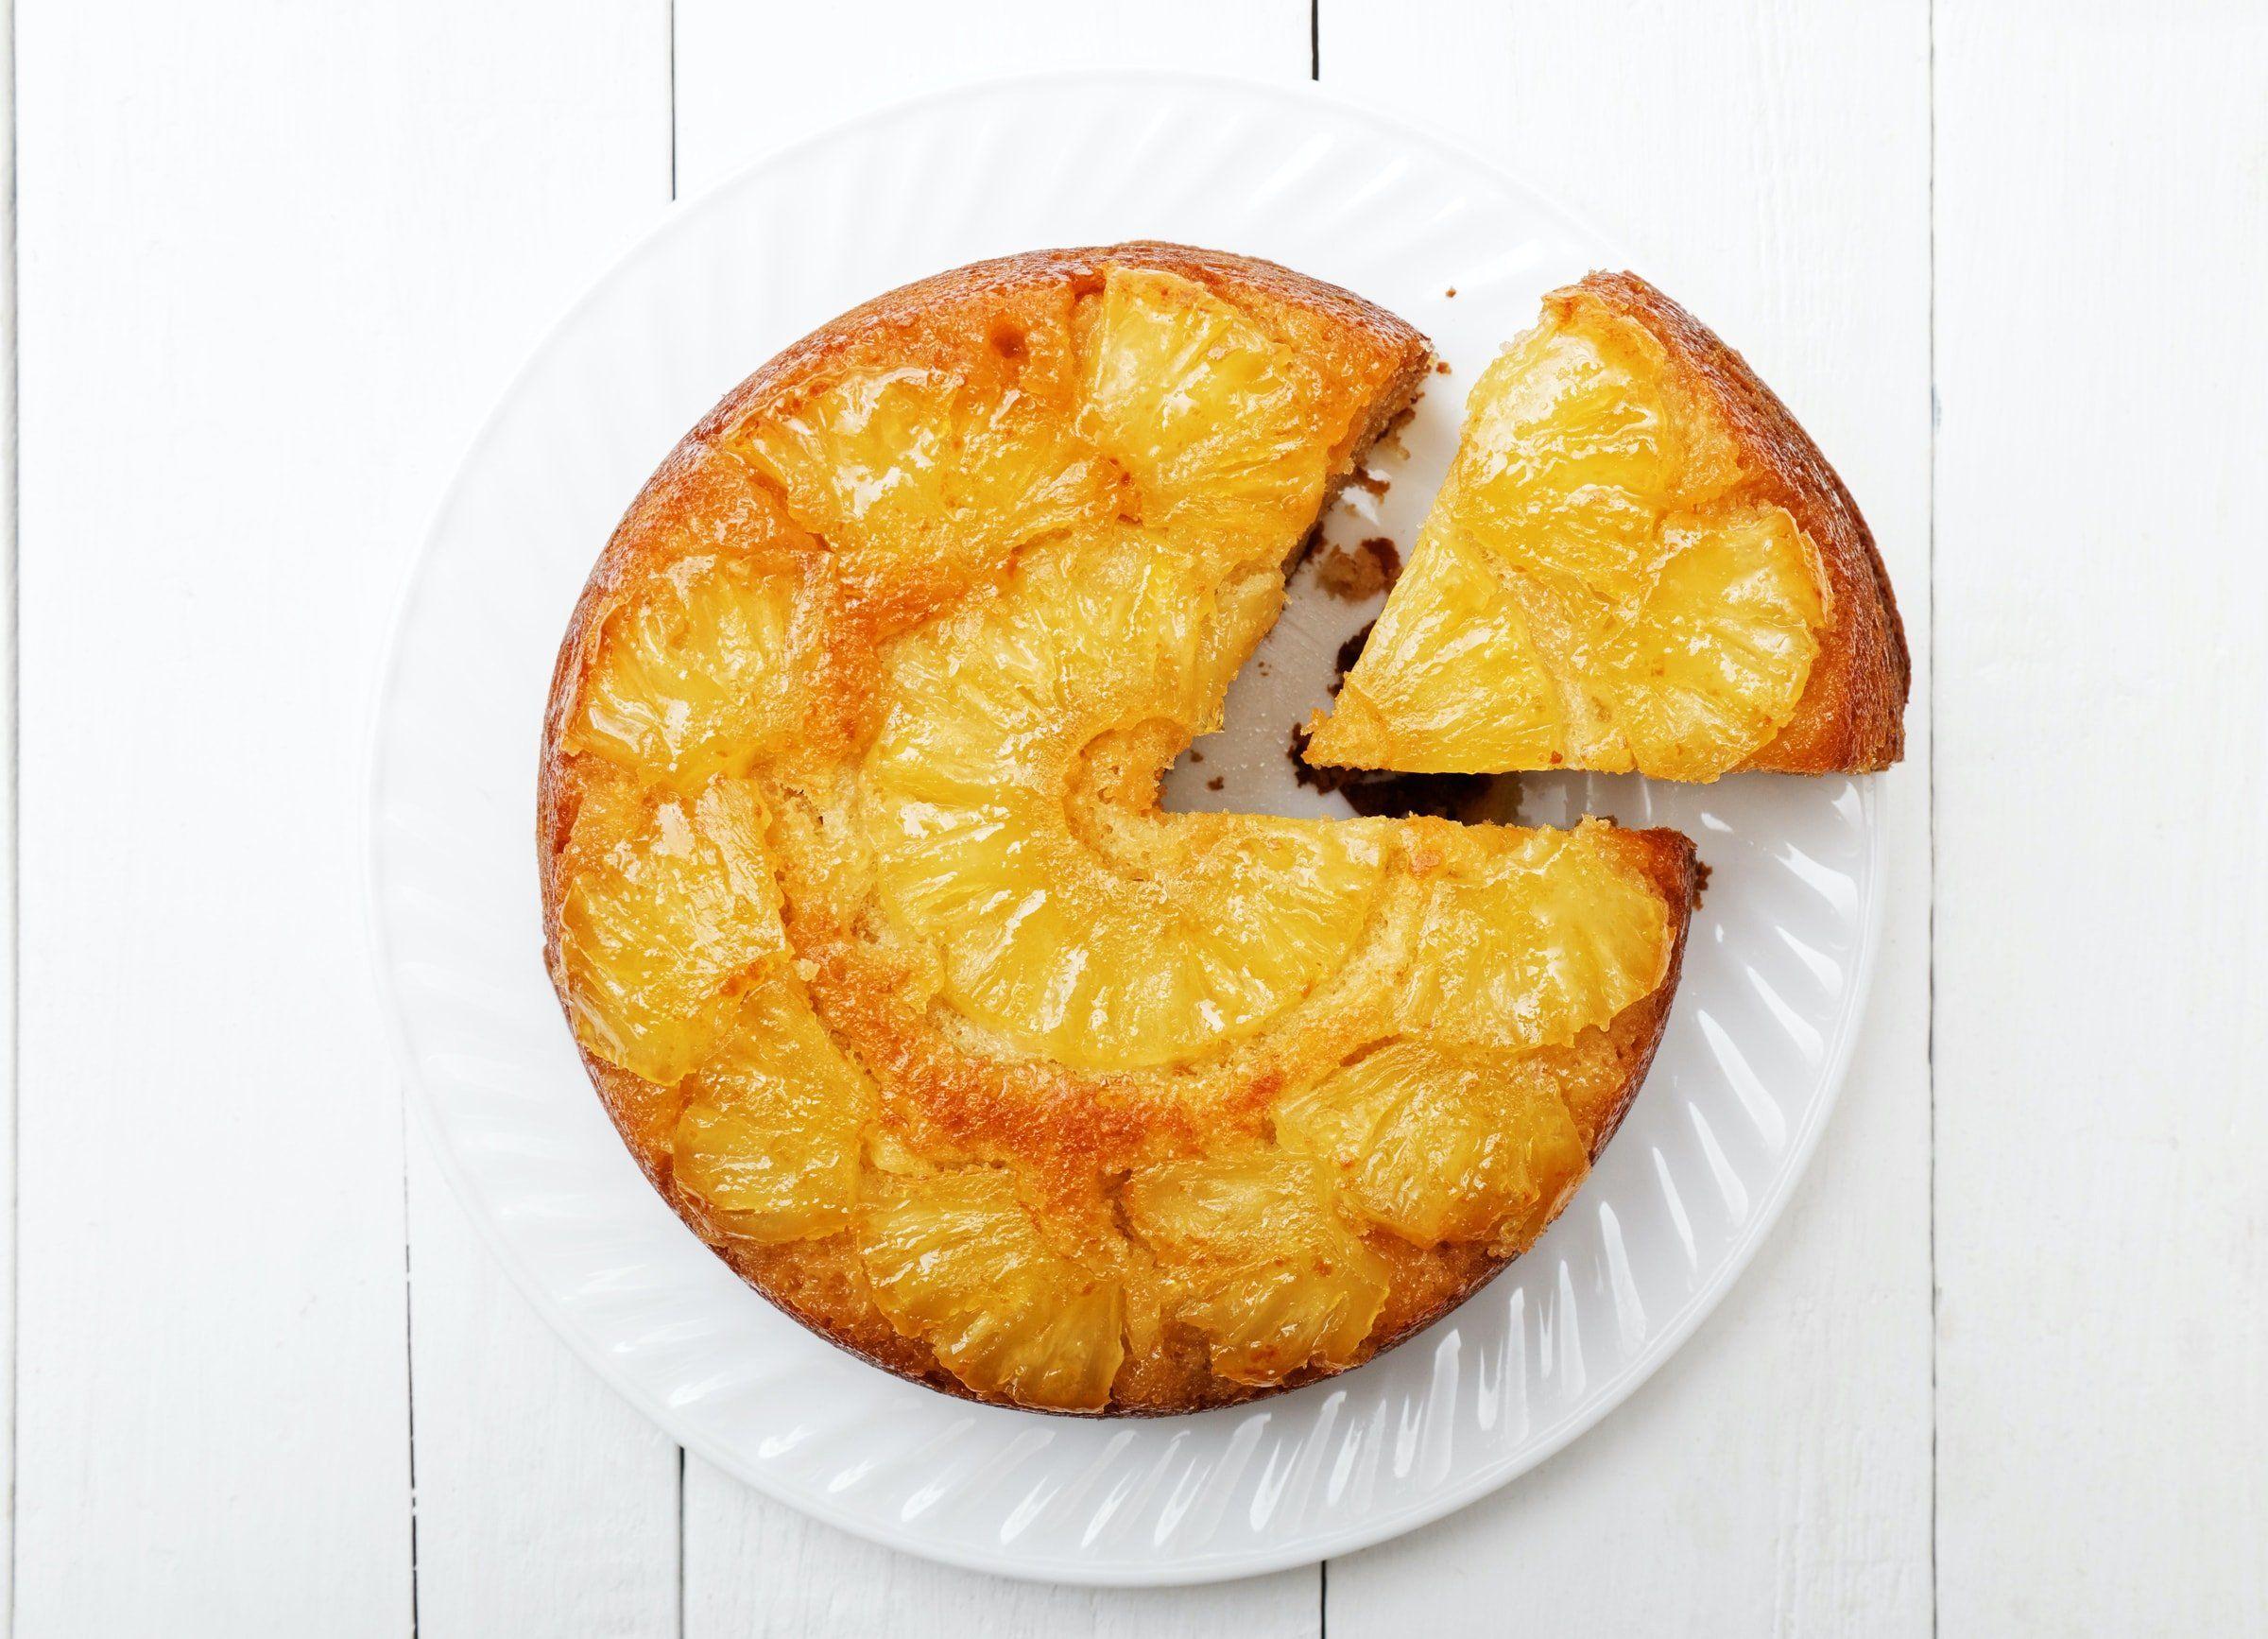 406ed16bbeb50f138e5fd627277f4c7f - Ananas Ricette